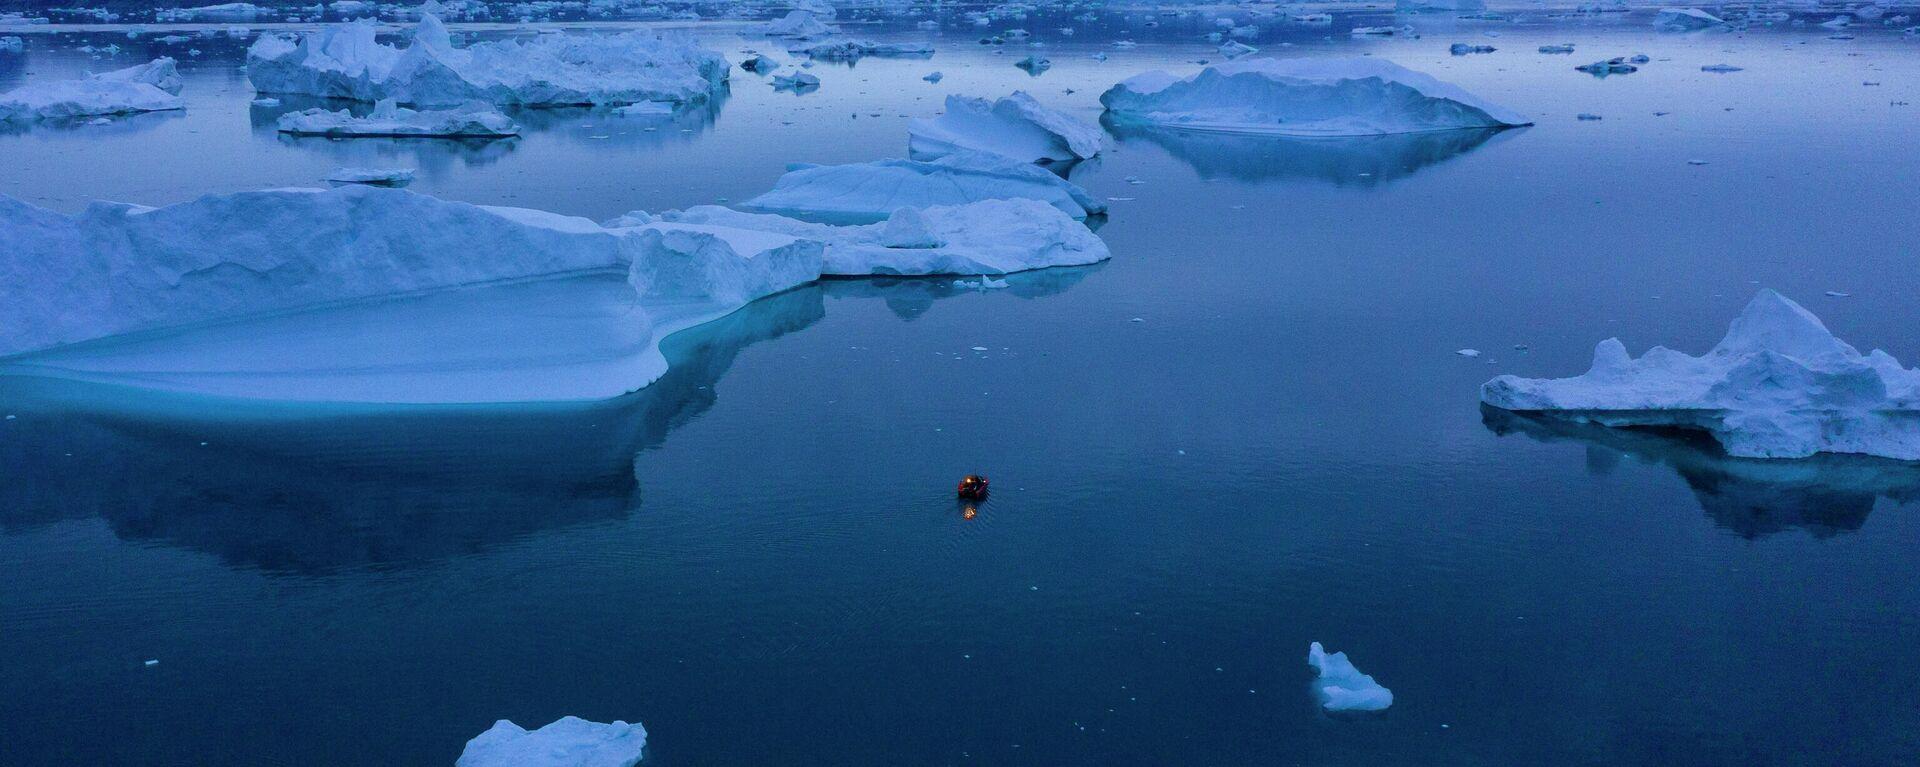 Eisberge in Grönland - SNA, 1920, 16.07.2021